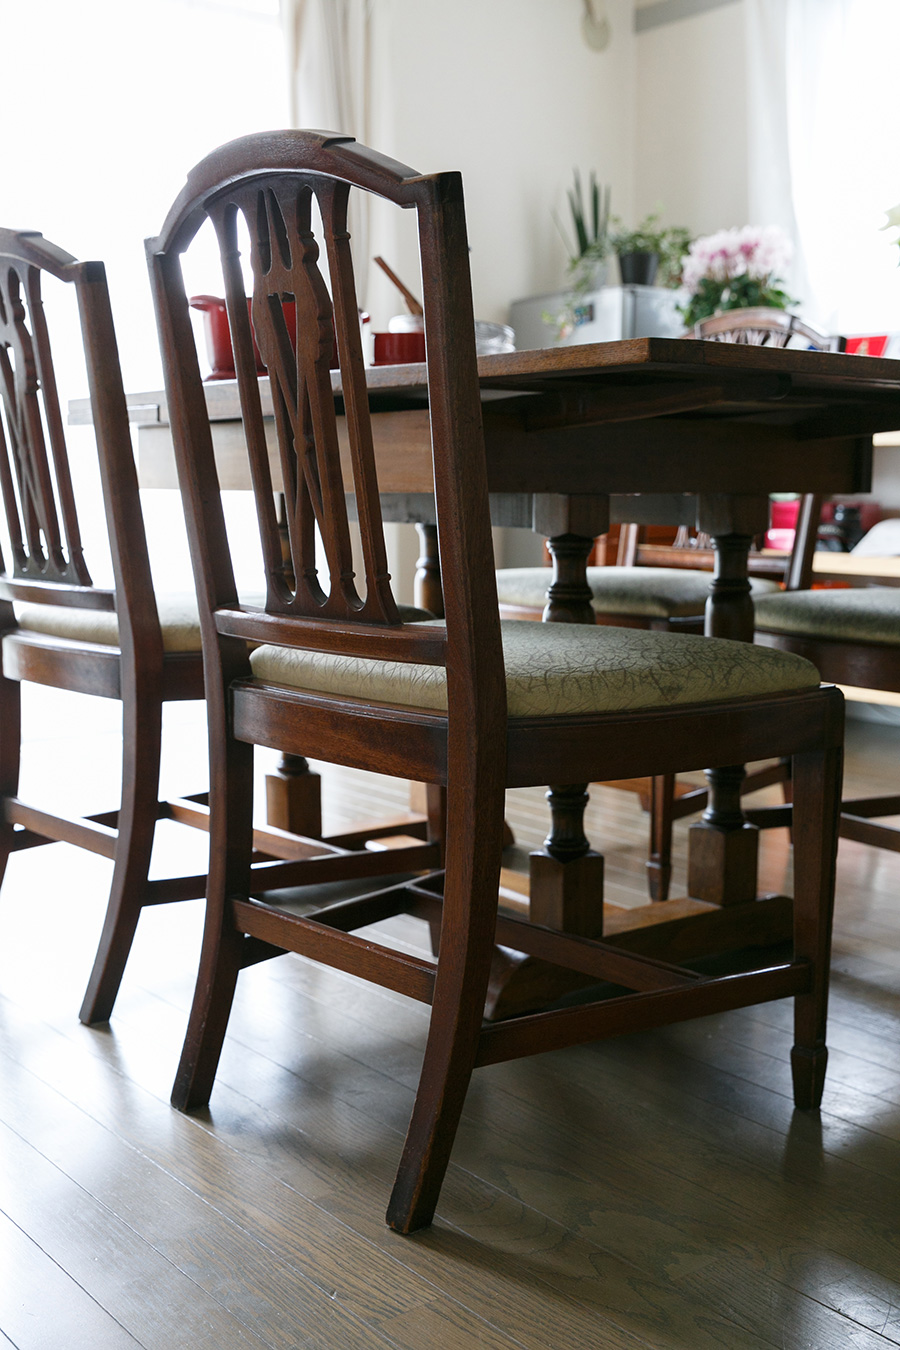 椅子は、幅が広めで安定感がある。「カバーを張り替え続けて、ずっと使い続けたいです」と山口さん。